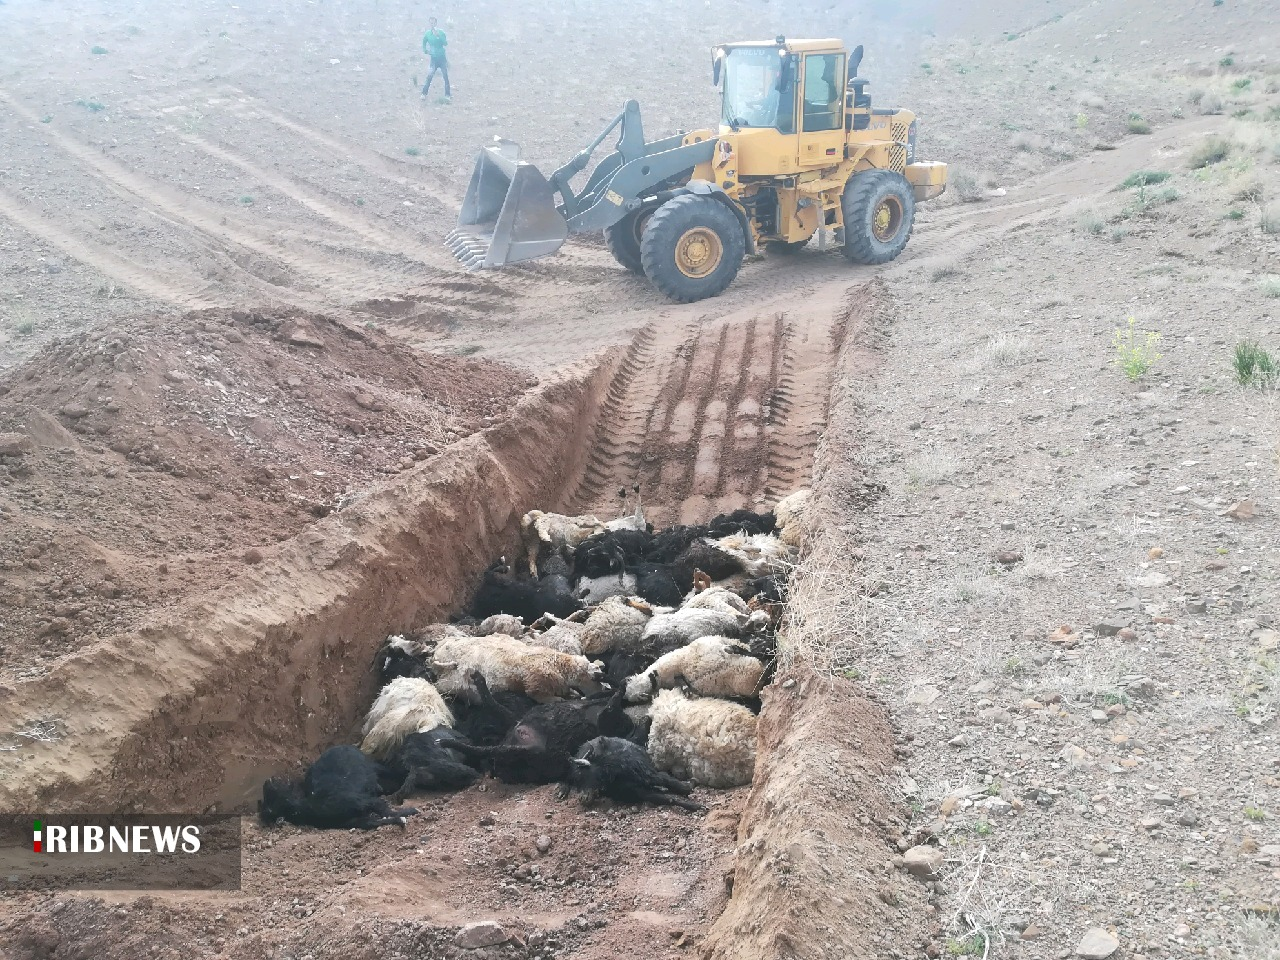 تلفات ۵۱ راس دام بر اثر برخورد صاعقه در شهرستان بیرجند